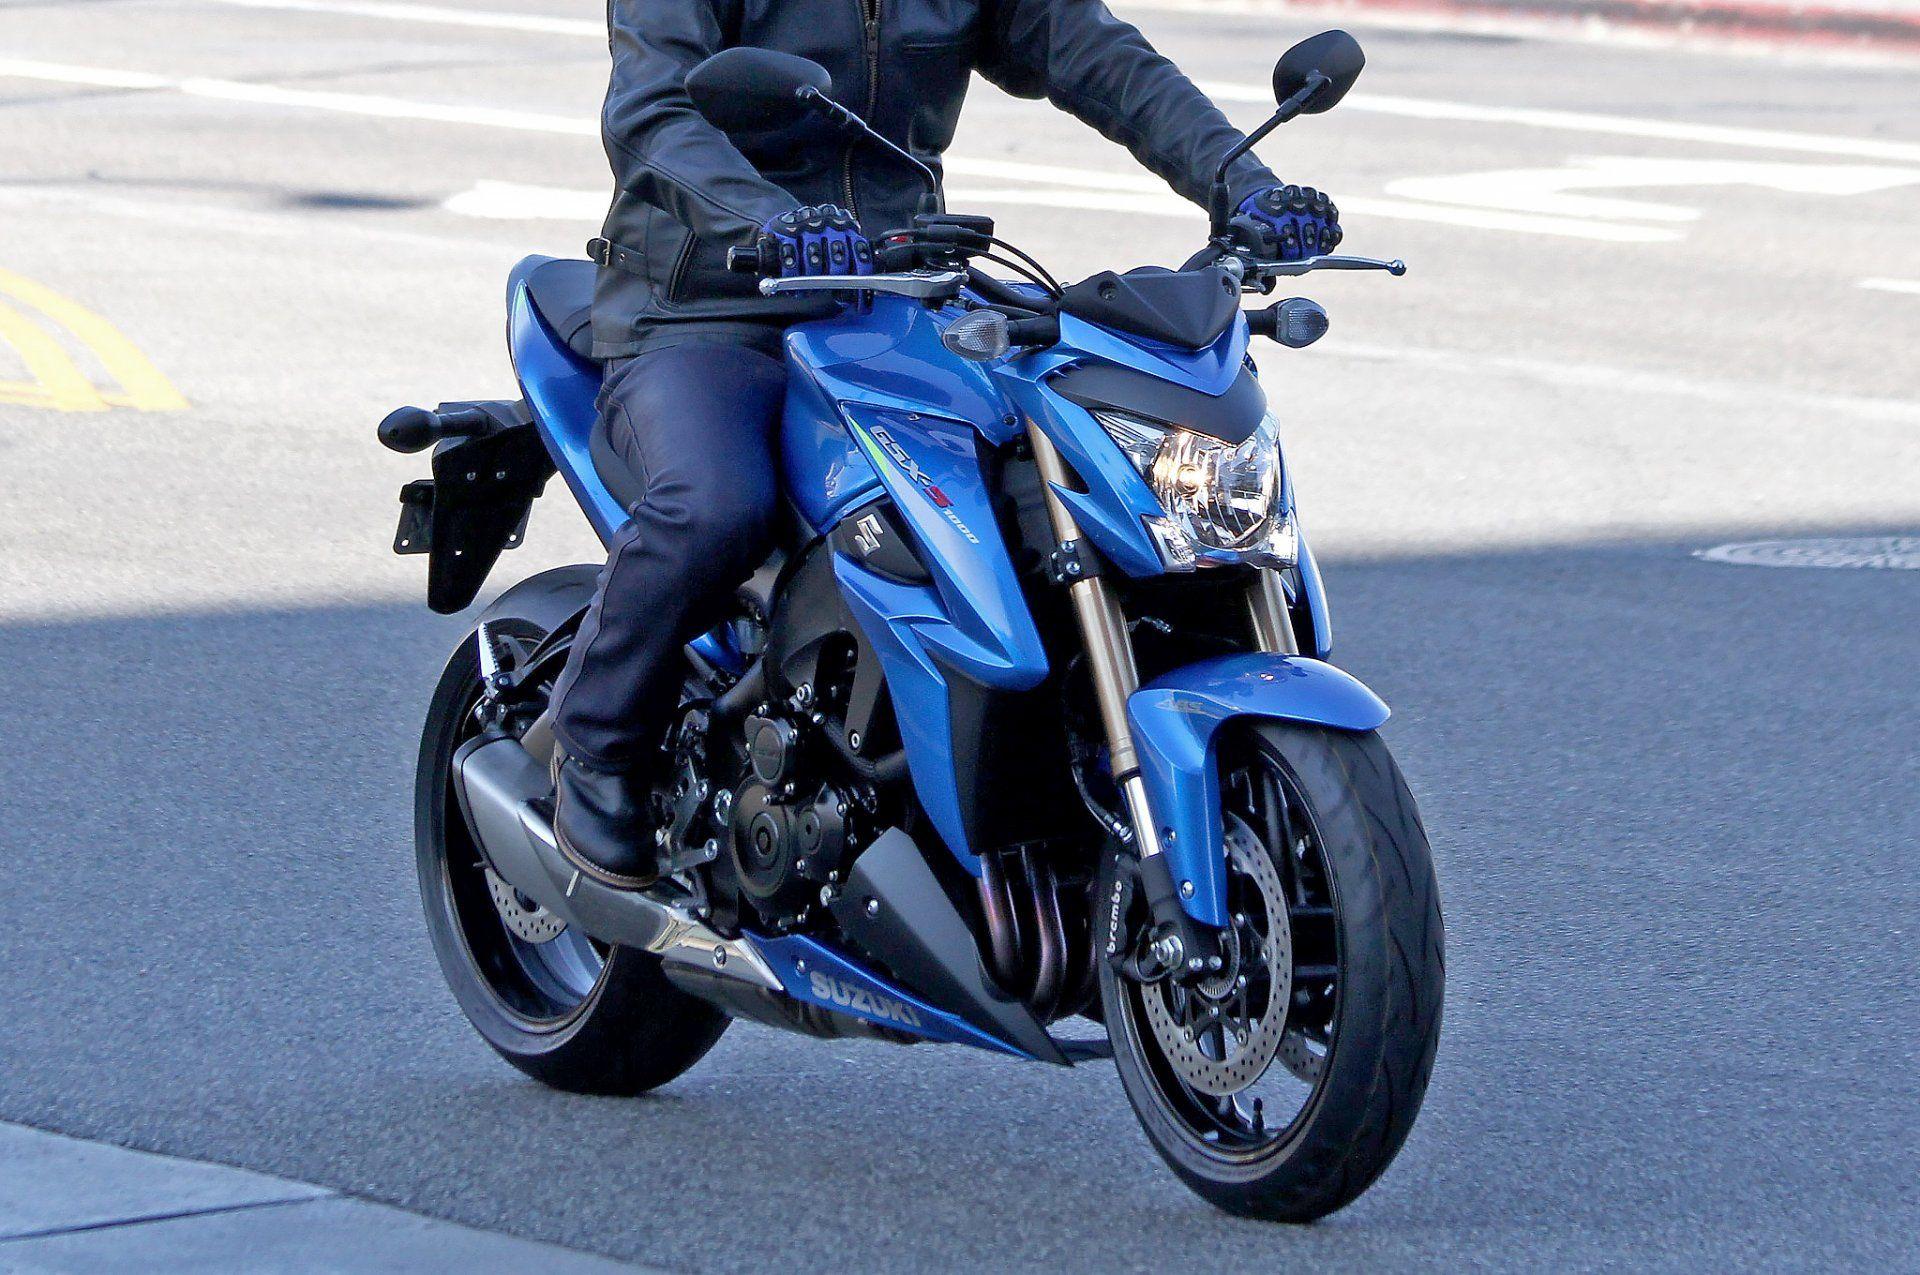 les conseils pour choisir son cole et passer son permis moto moto scooter marseille. Black Bedroom Furniture Sets. Home Design Ideas